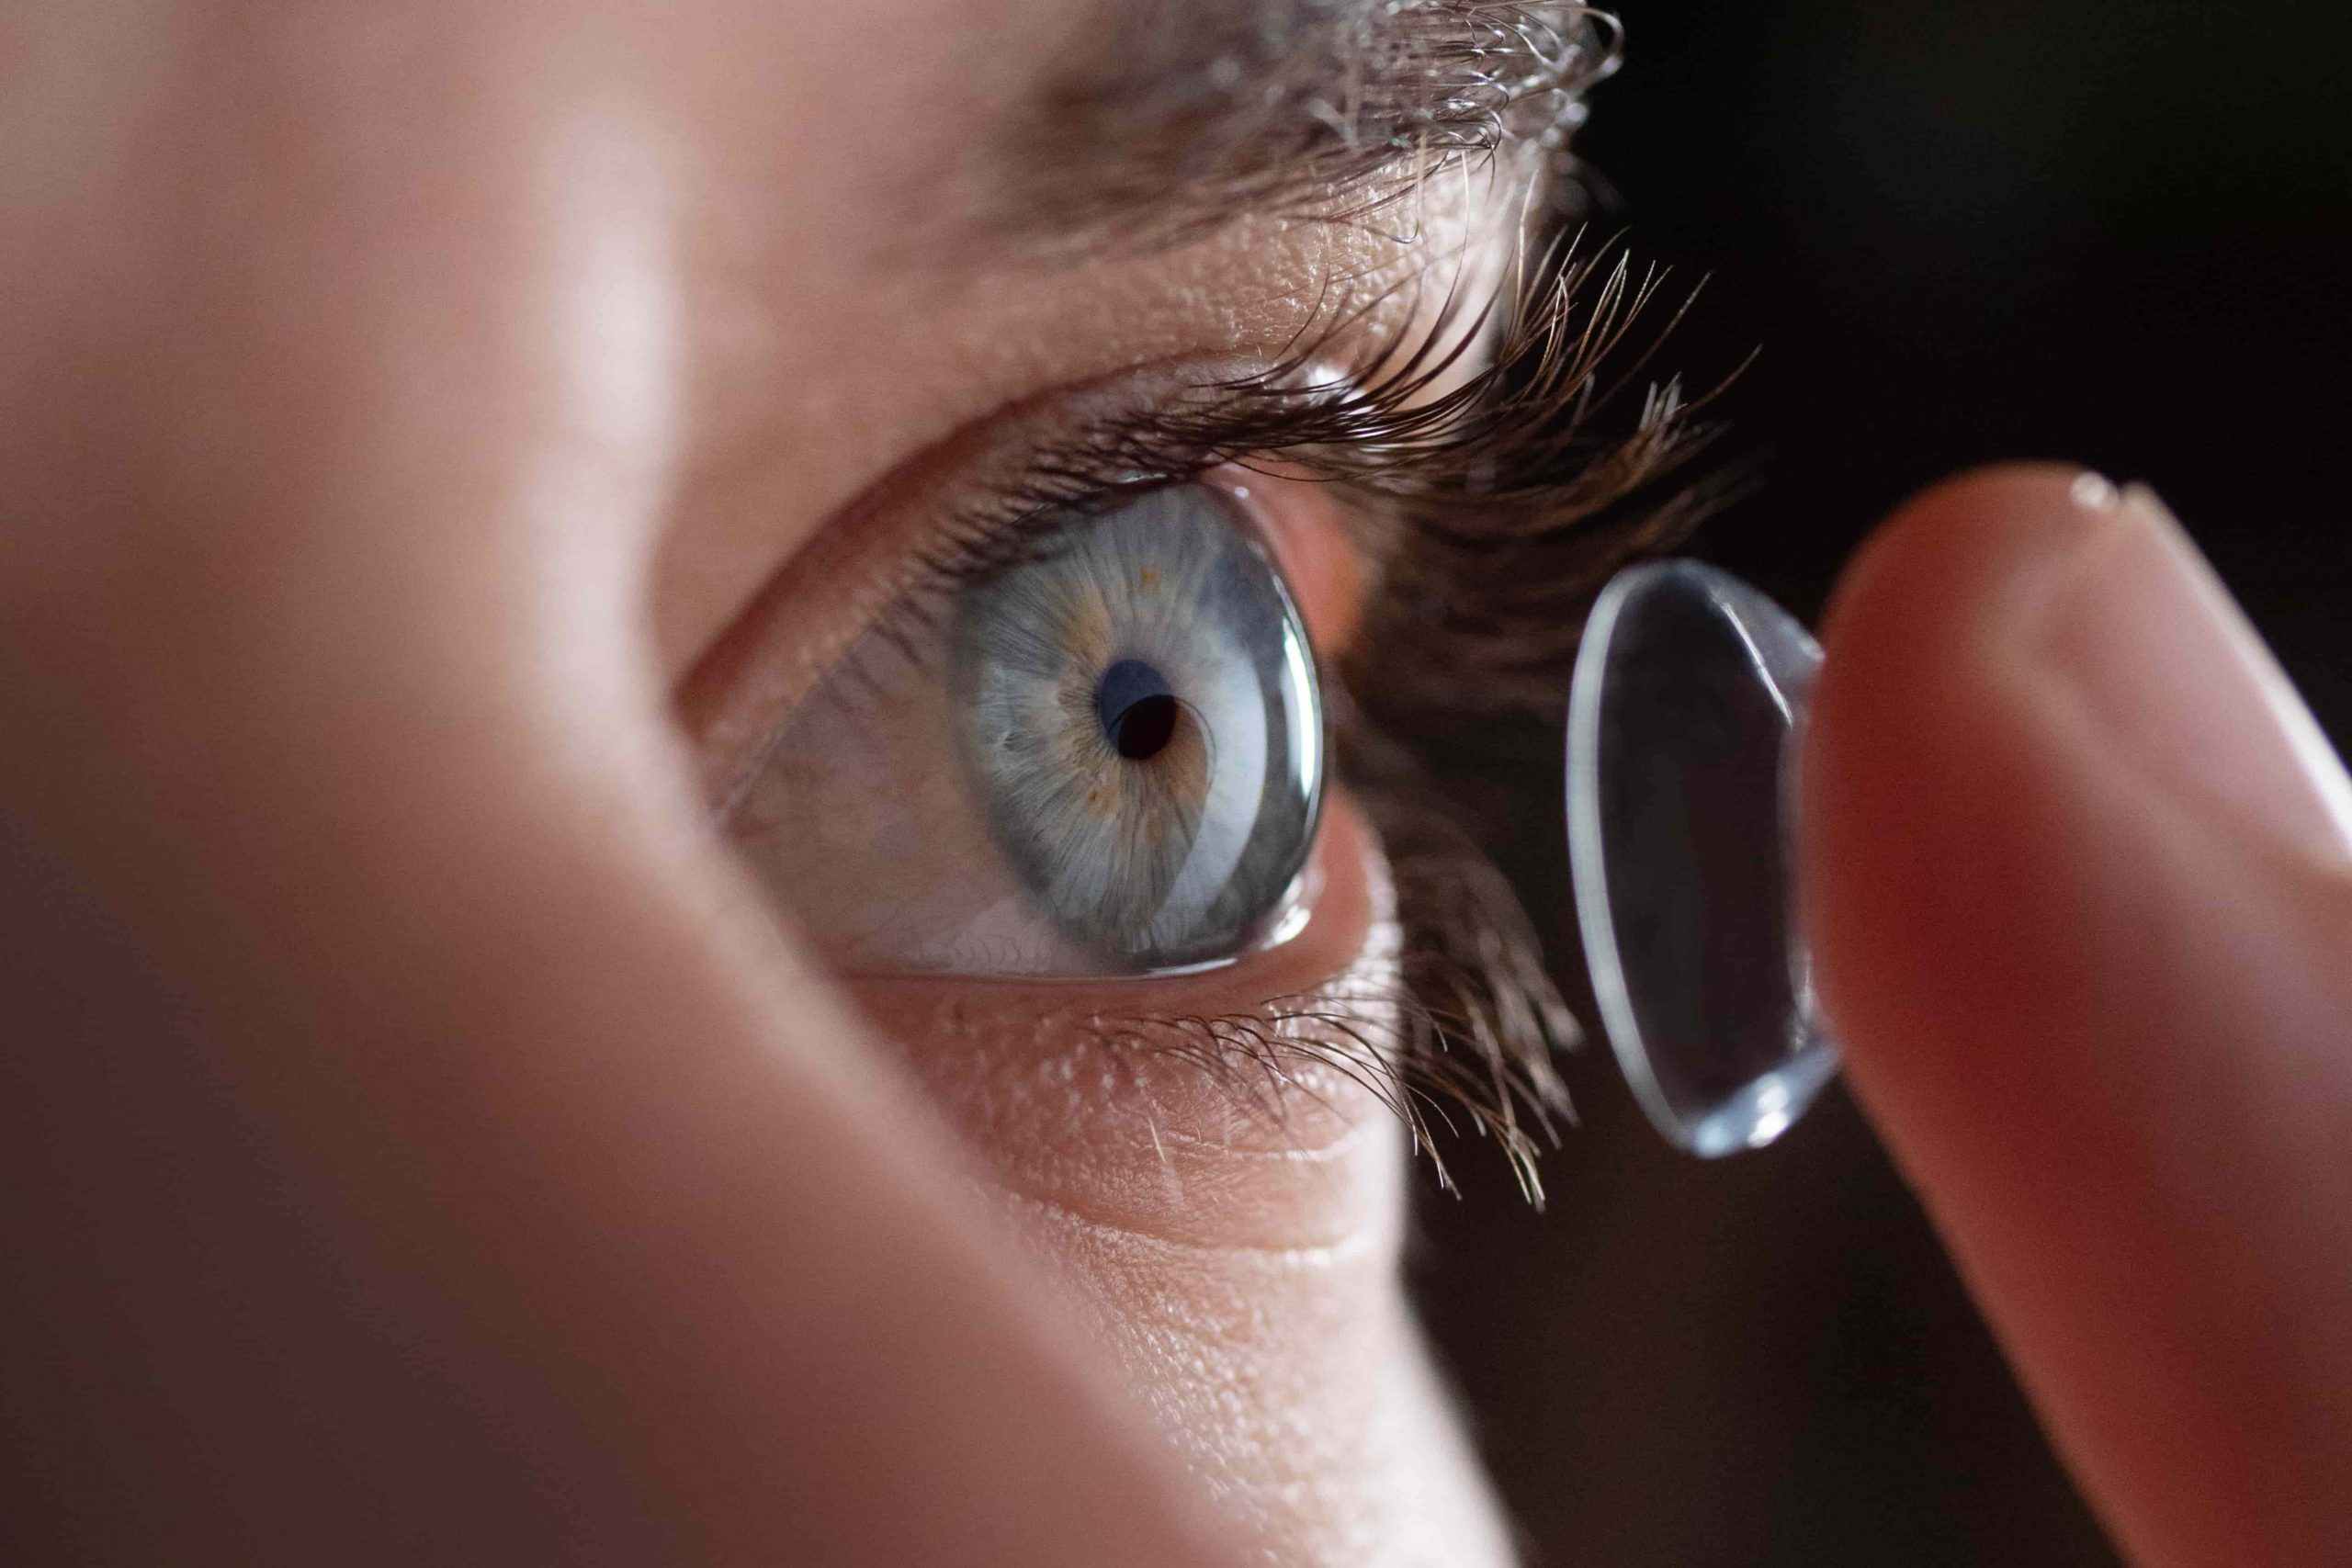 Hawkers avanza en su estrategia 'online' e irrumpe con fuerza en el mercado de lentillas diarias